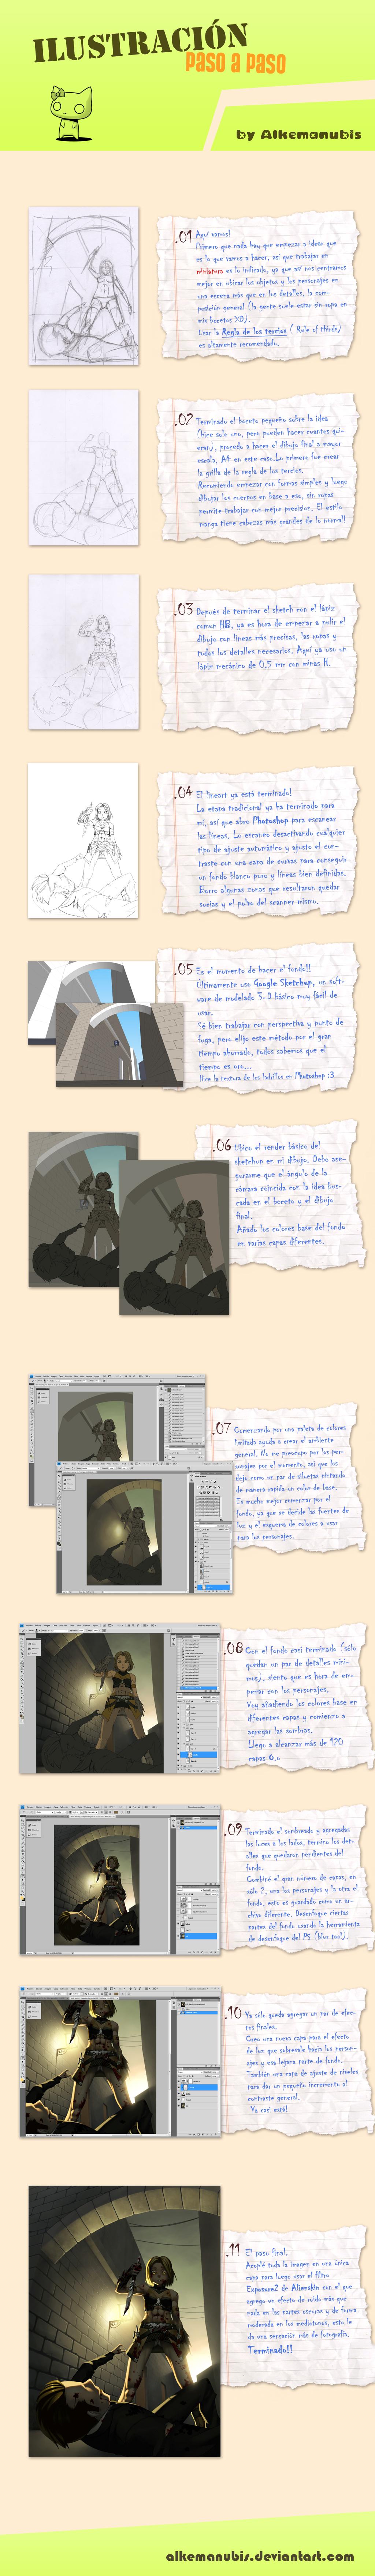 Ilustracion paso a paso by ALKEMANUBIS